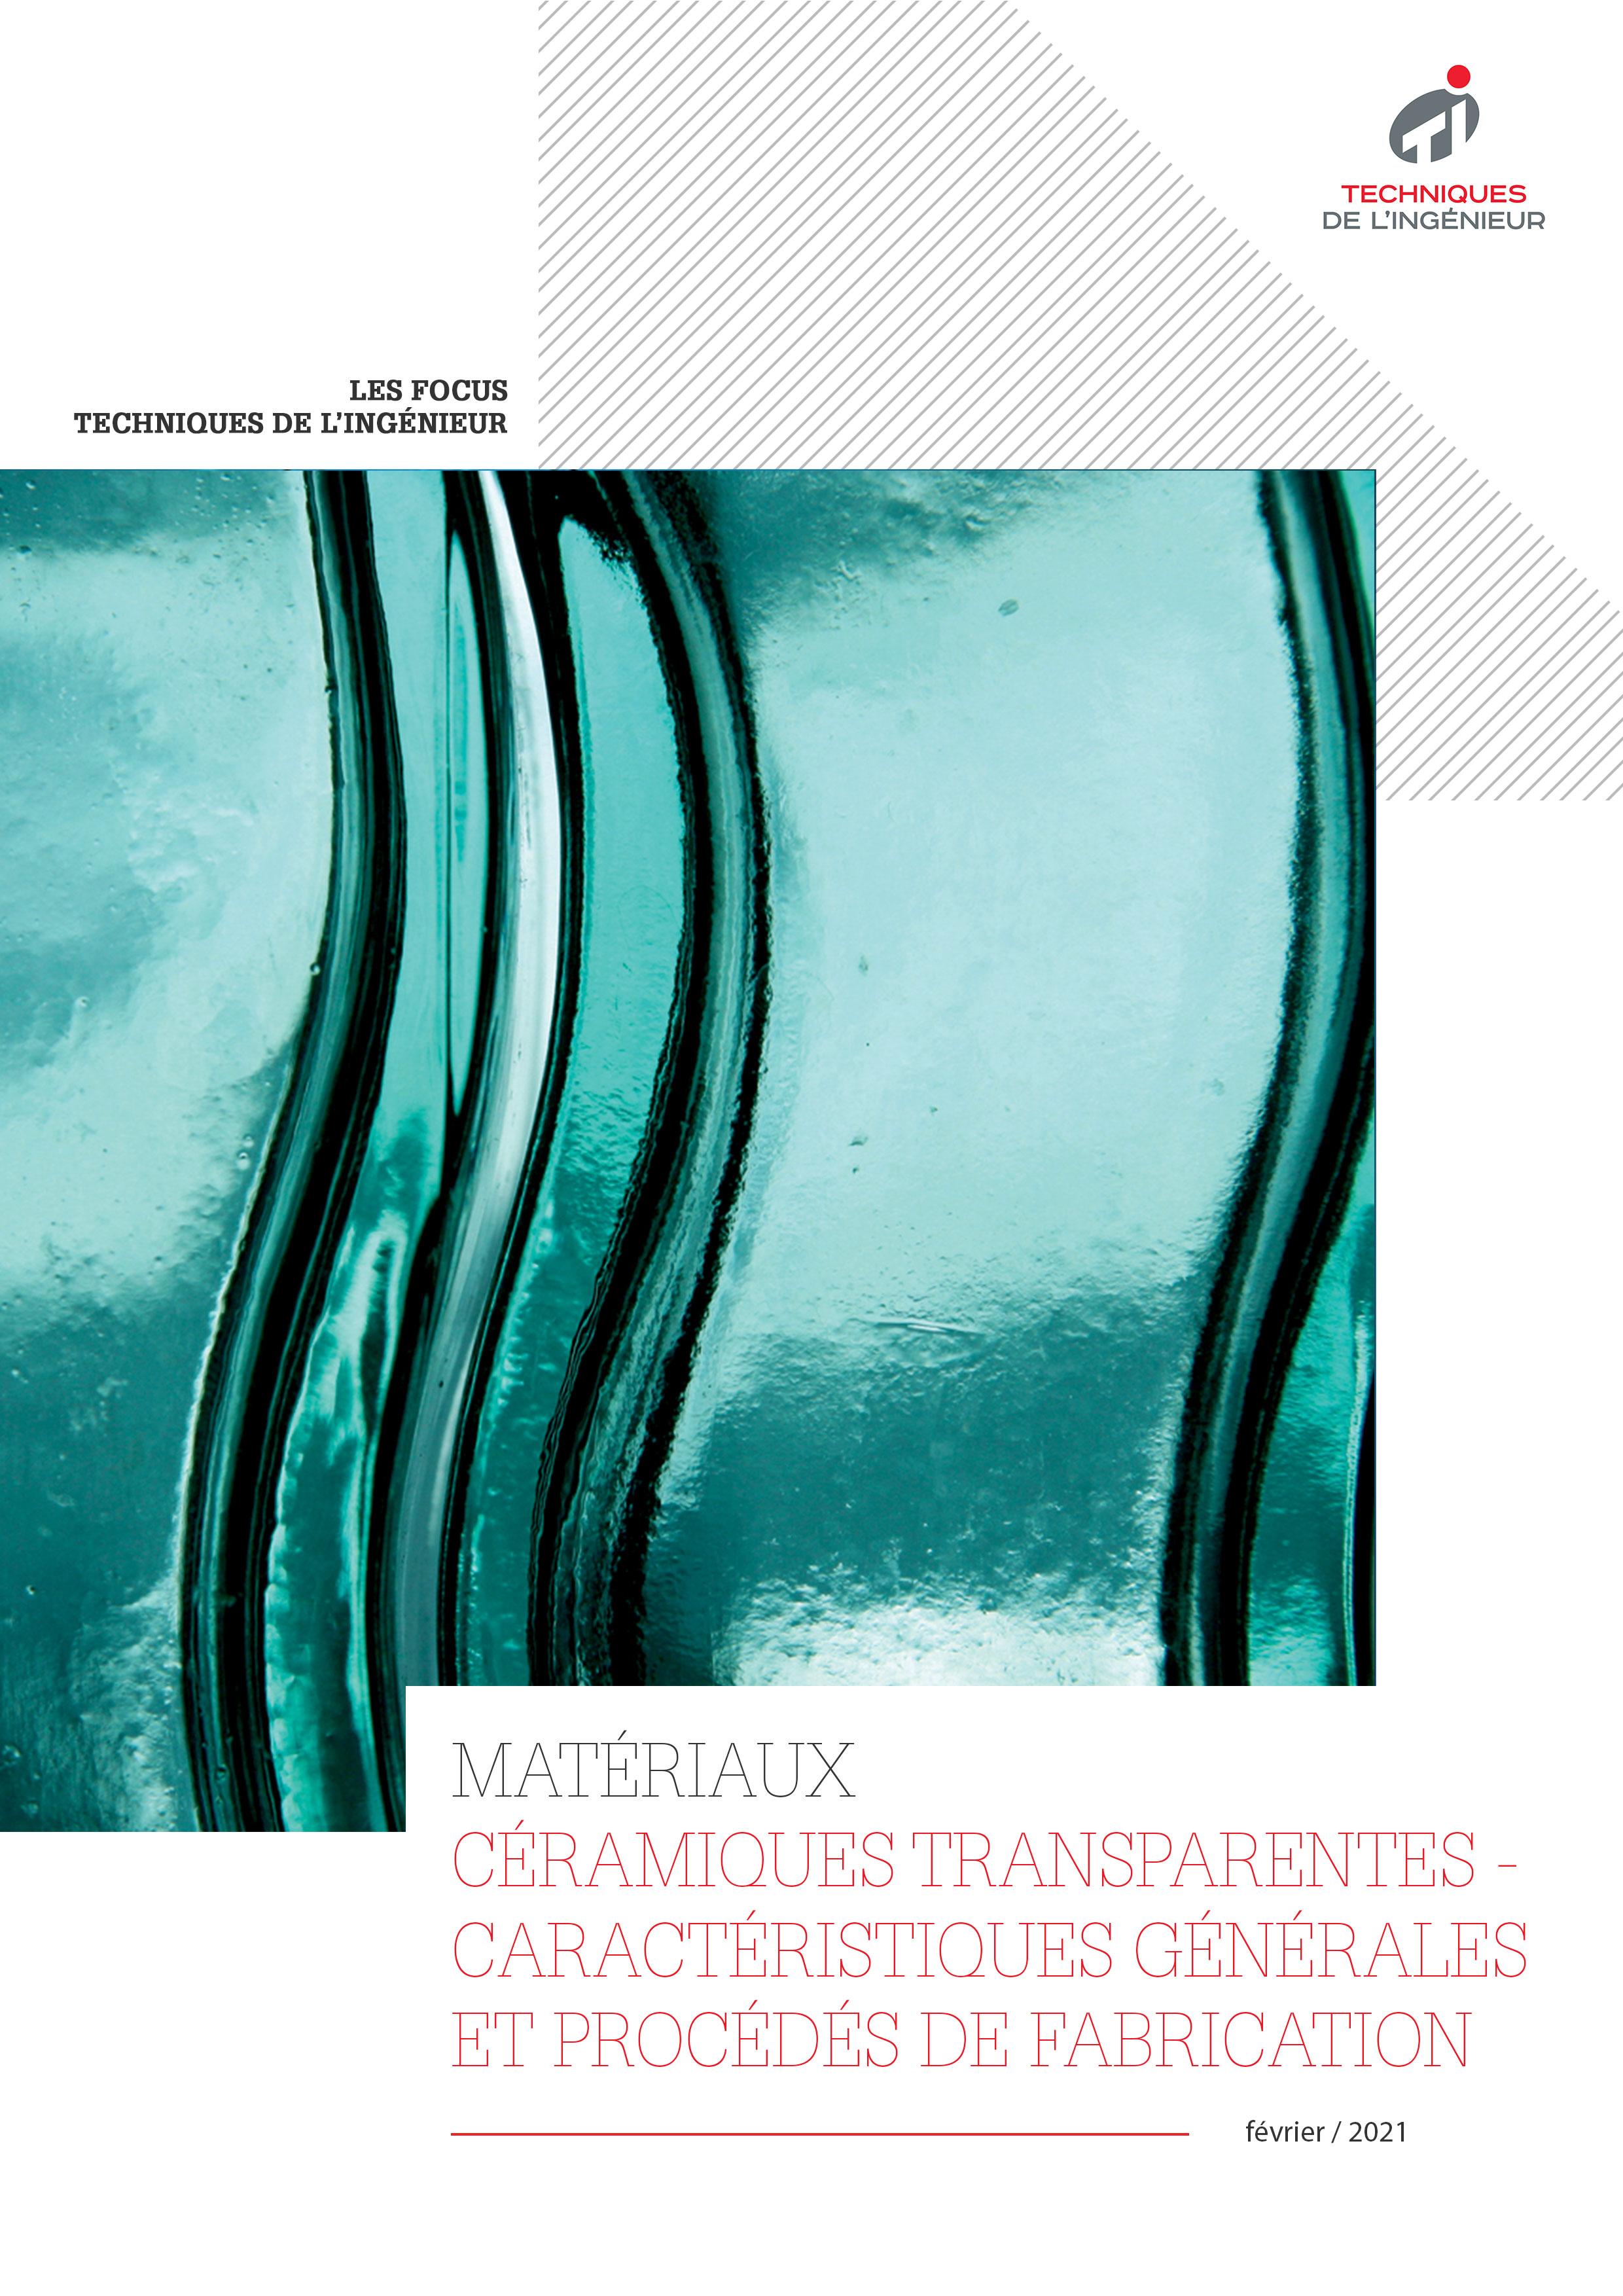 Céramiques transparentes : quelles sont leurs caractéristiques ?